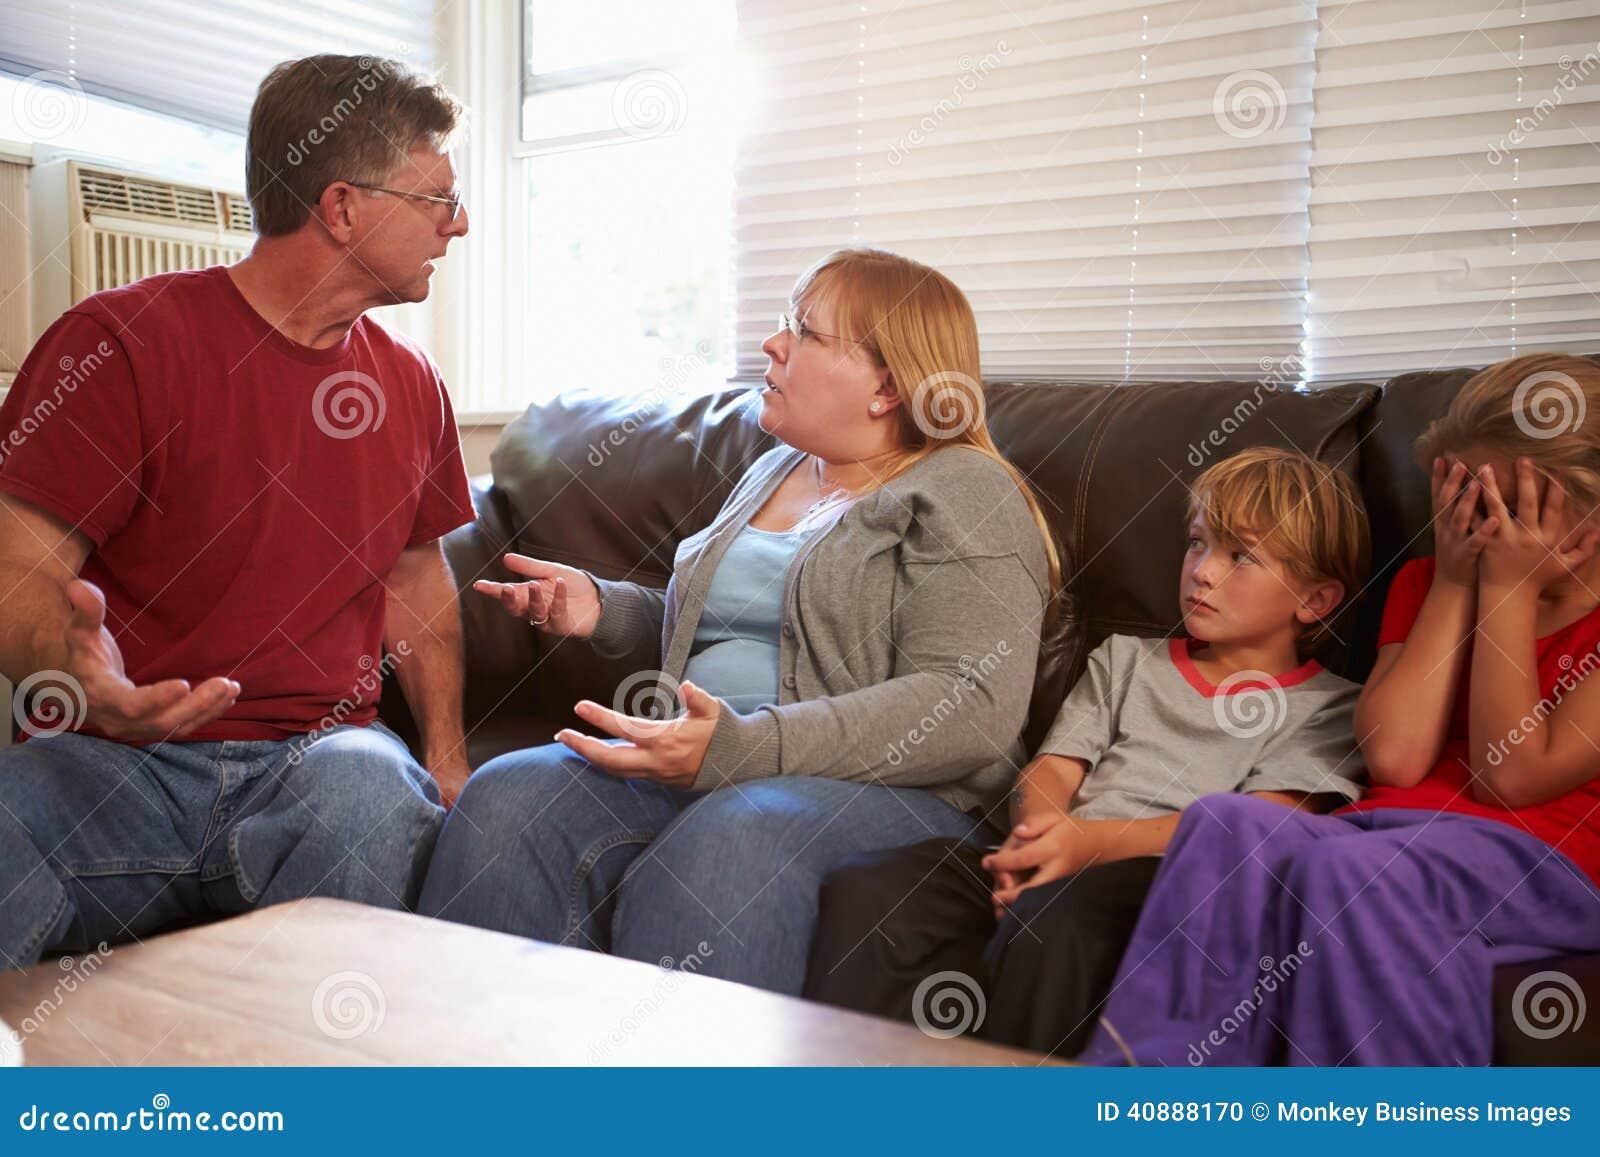 Familia que se sienta en Sofa With Parents Arguing